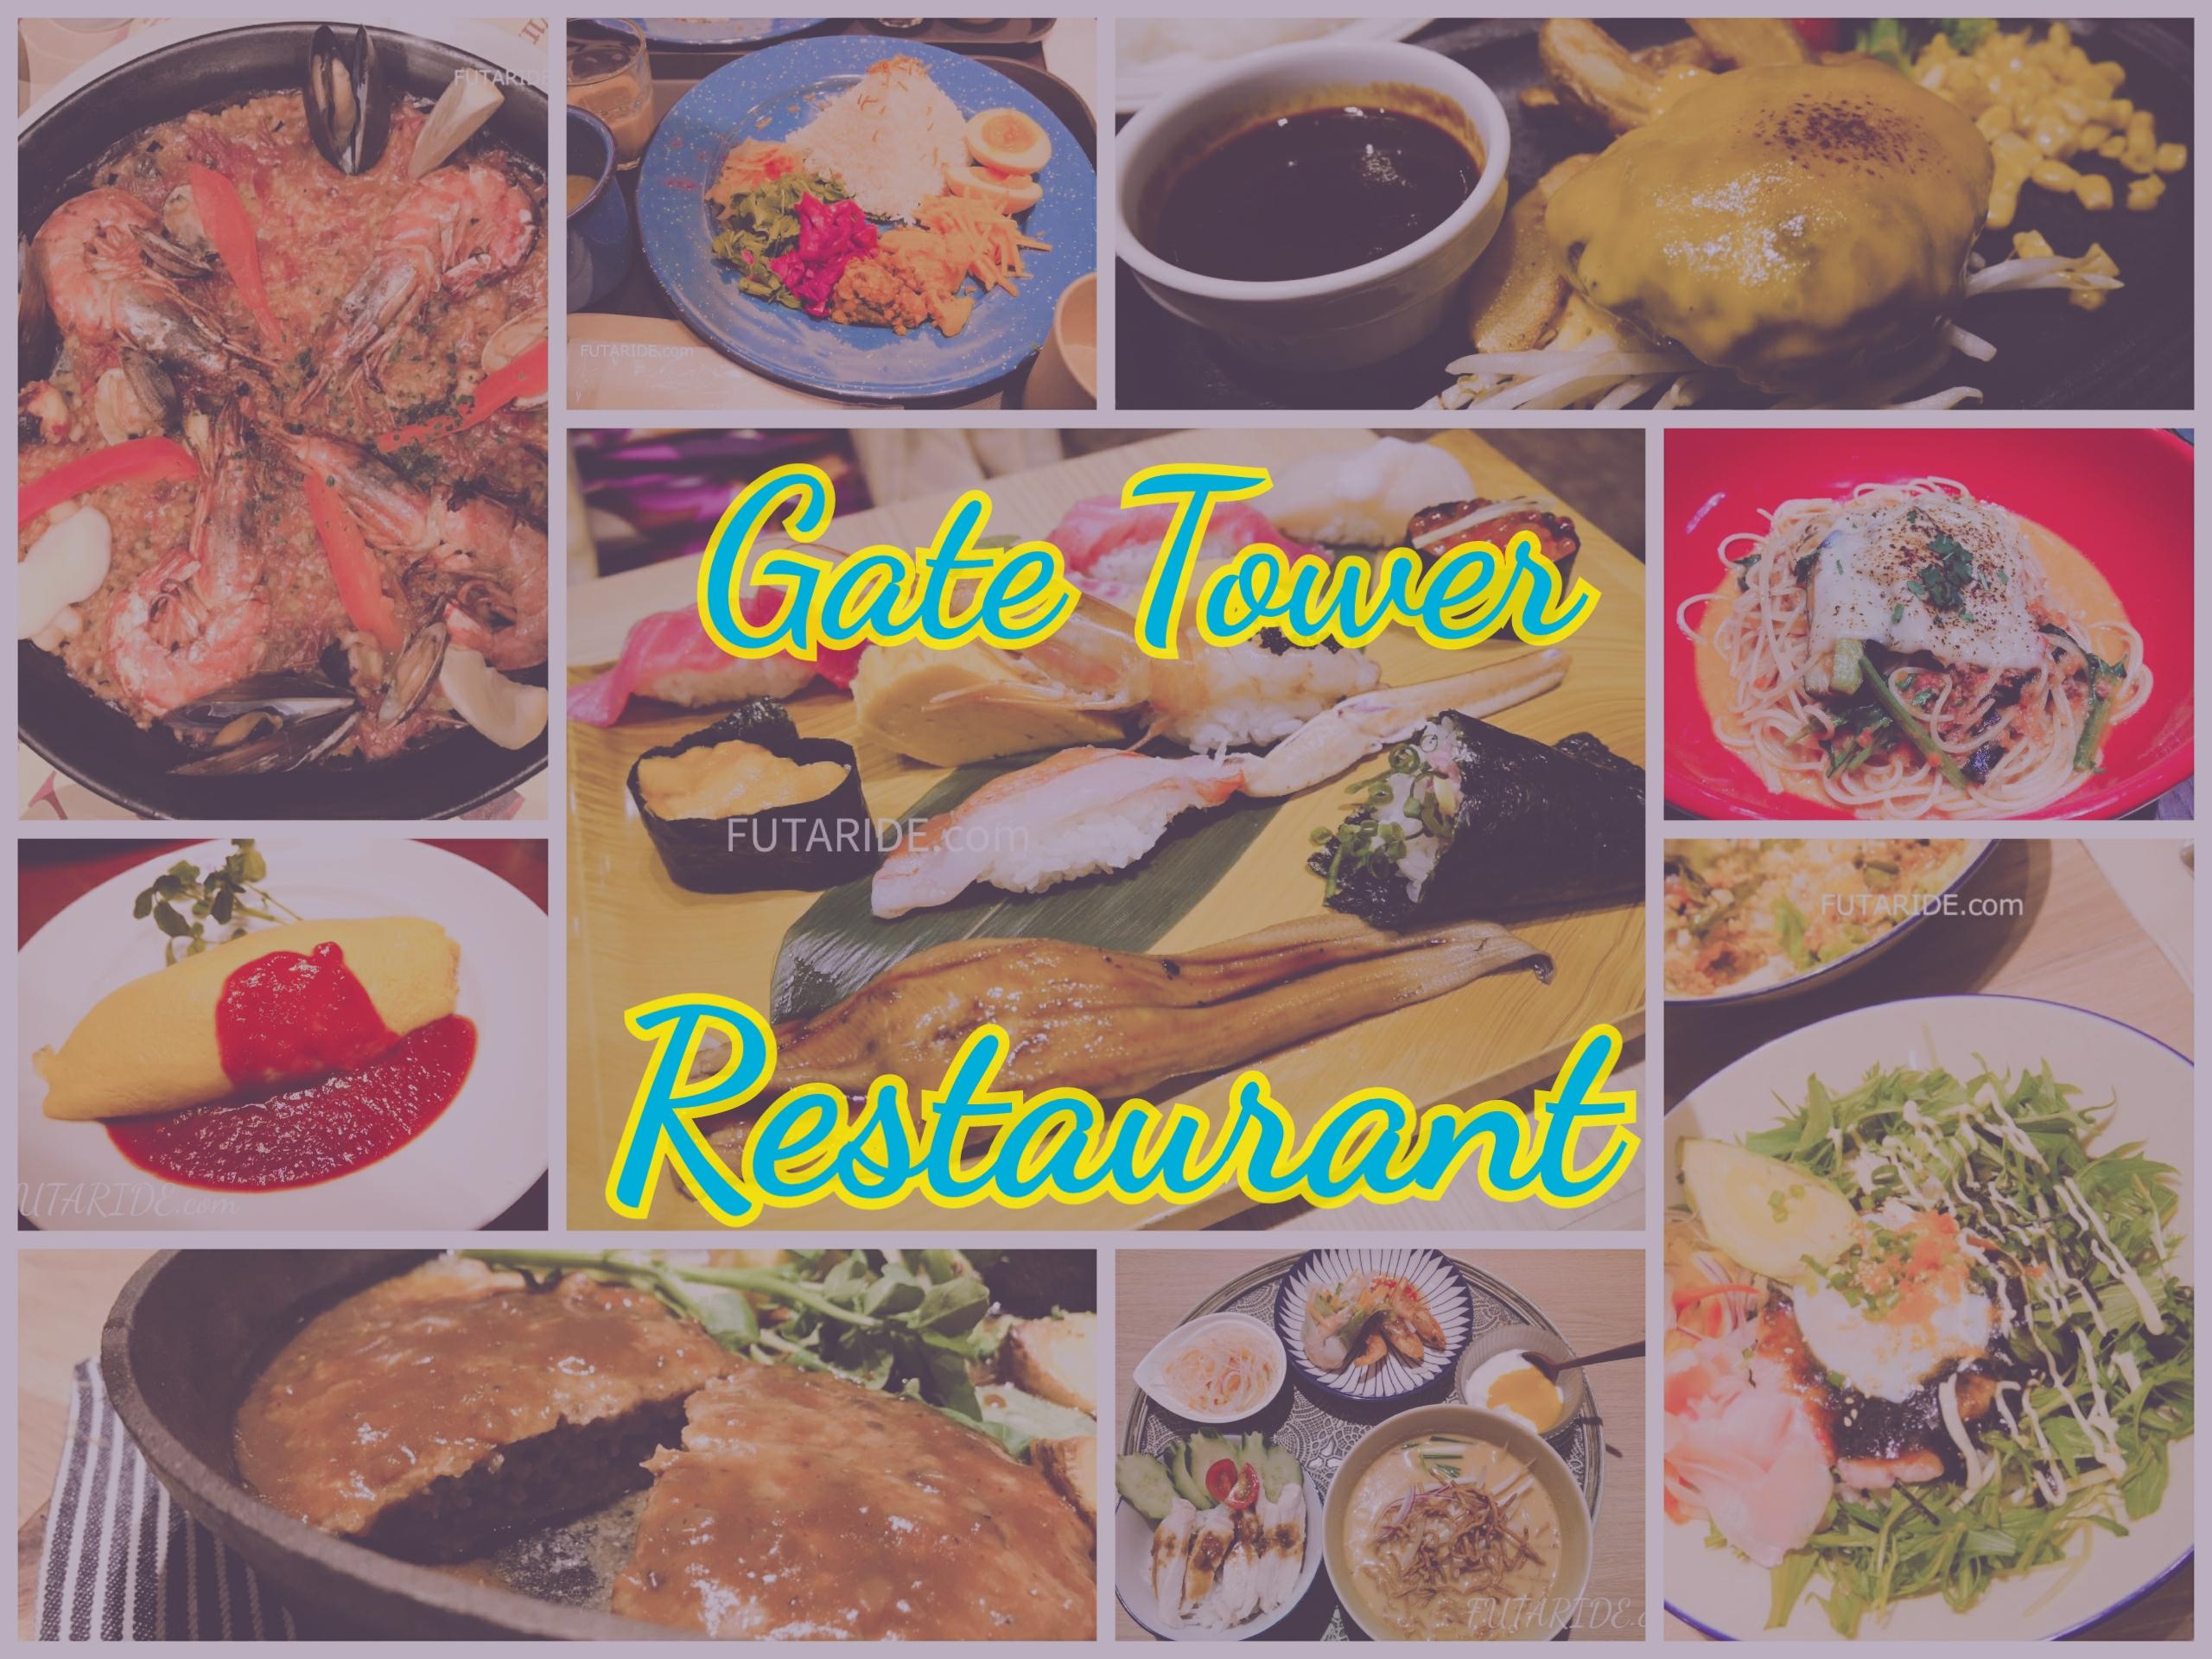 ゲートタワー レストラン